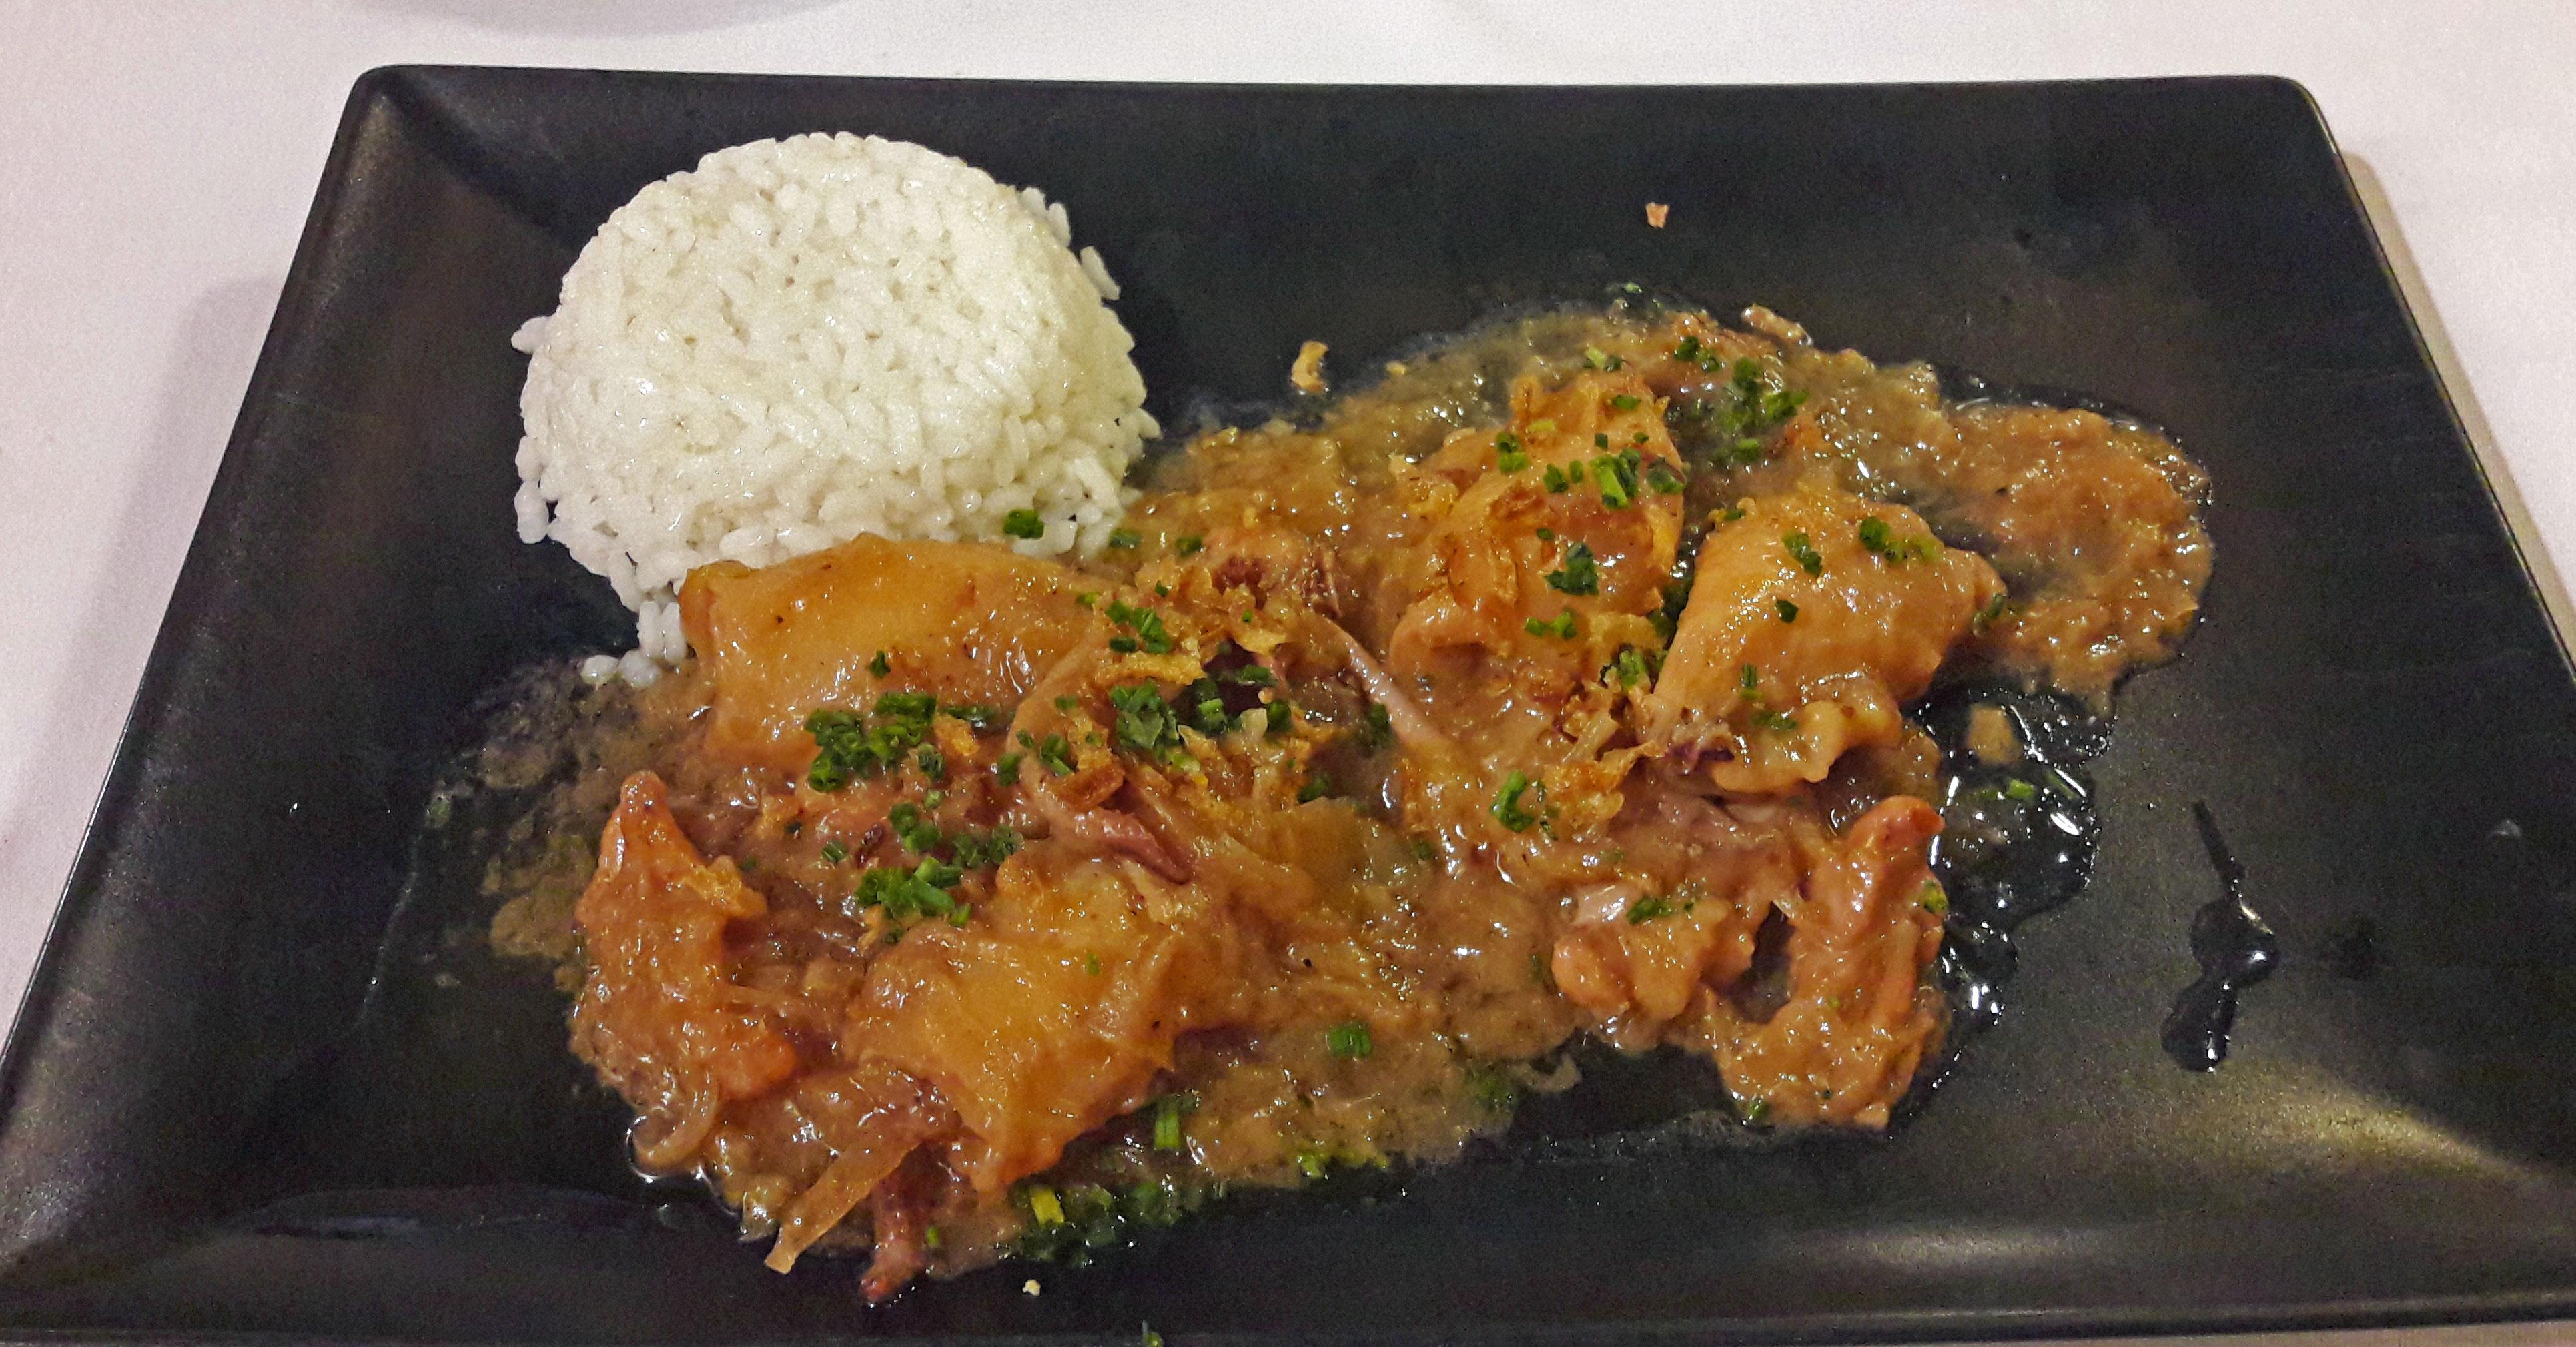 La Nansa Calamares con cebolla confitada, Malvasia de Sitges y arroz blanco